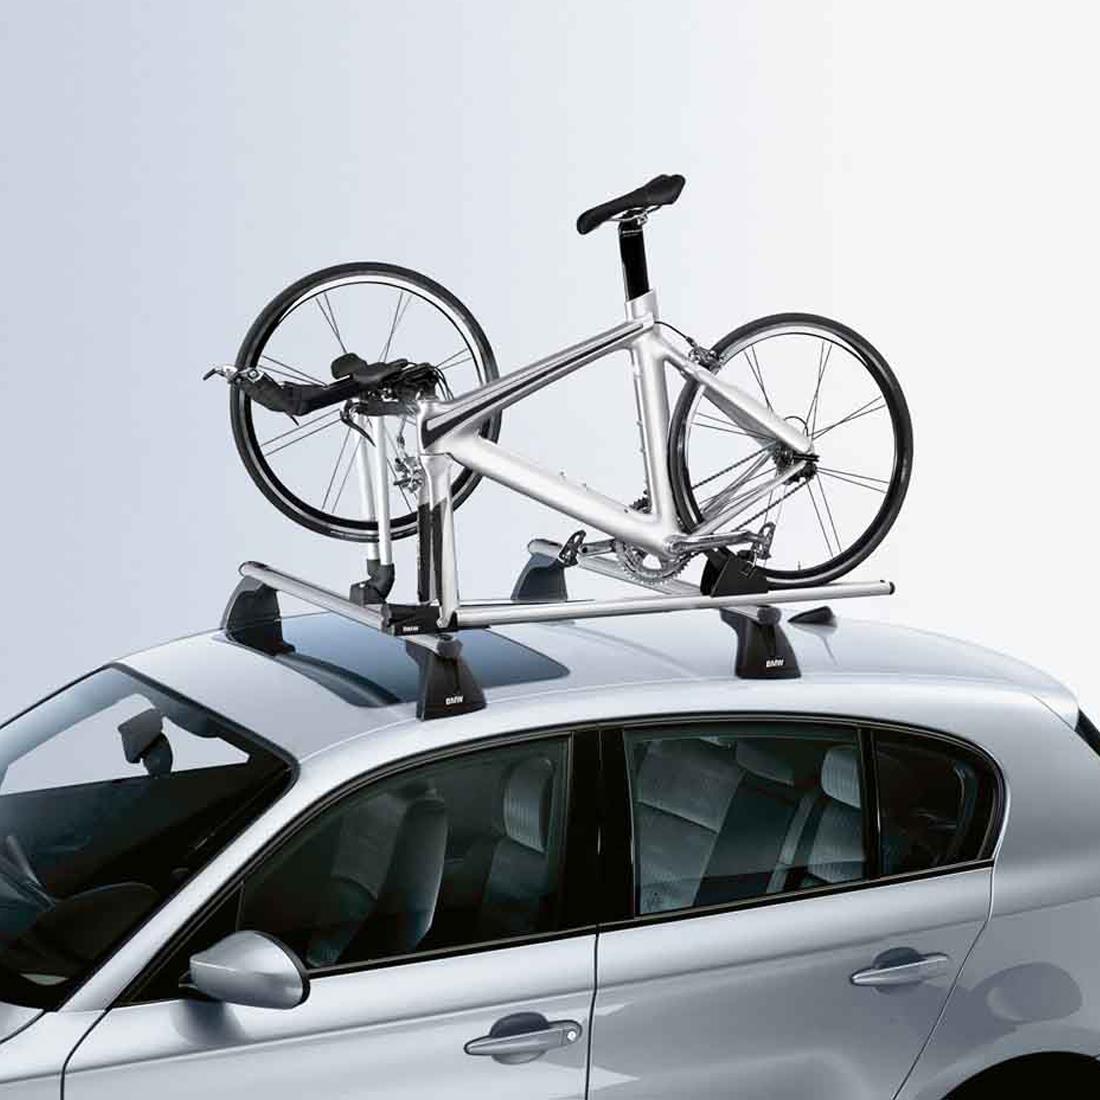 Bmw Accessories Bike Carrier